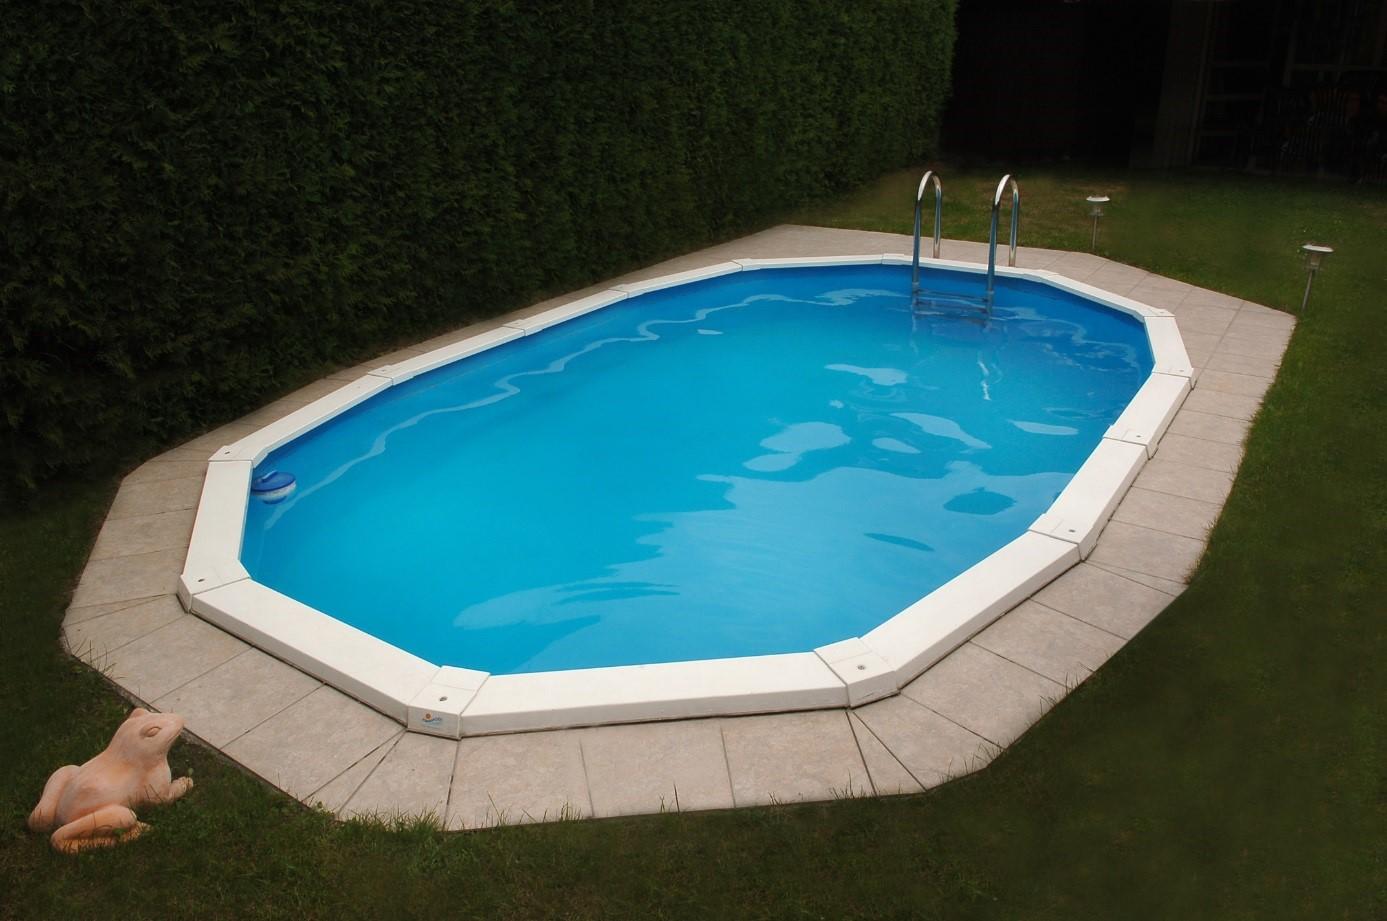 Unterschied formrohr seitenstreben cranpool for Pool rund 3m